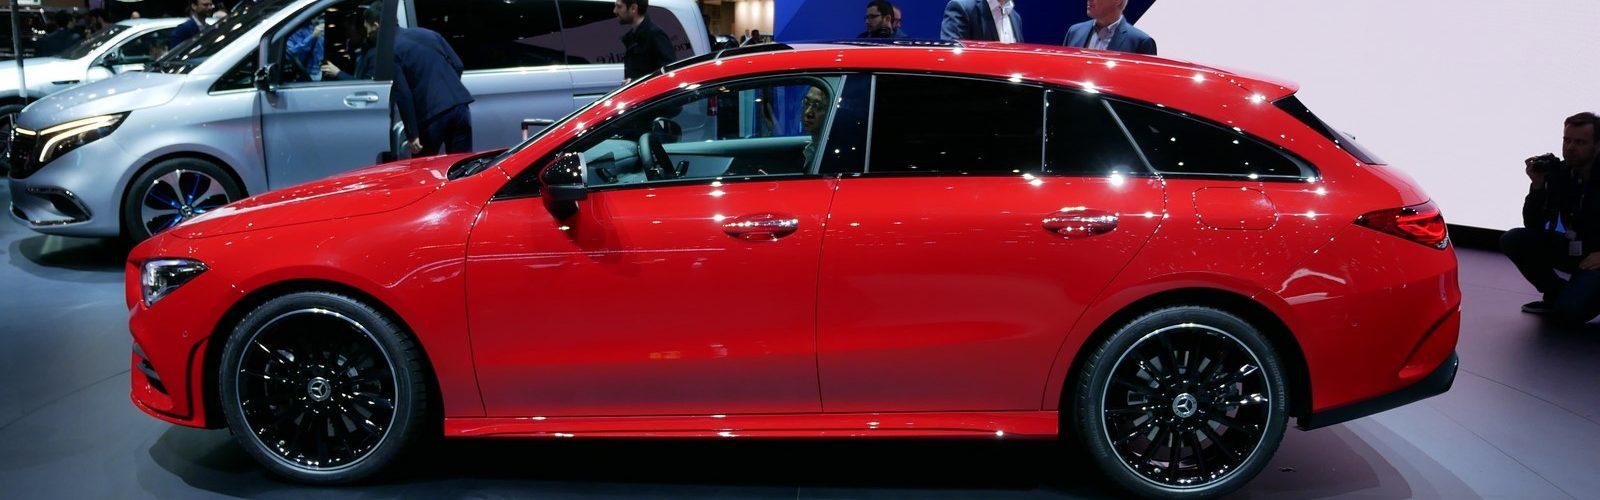 Mercedes Benz CLA Shooting Brake LNA GA Geneva 2019 9